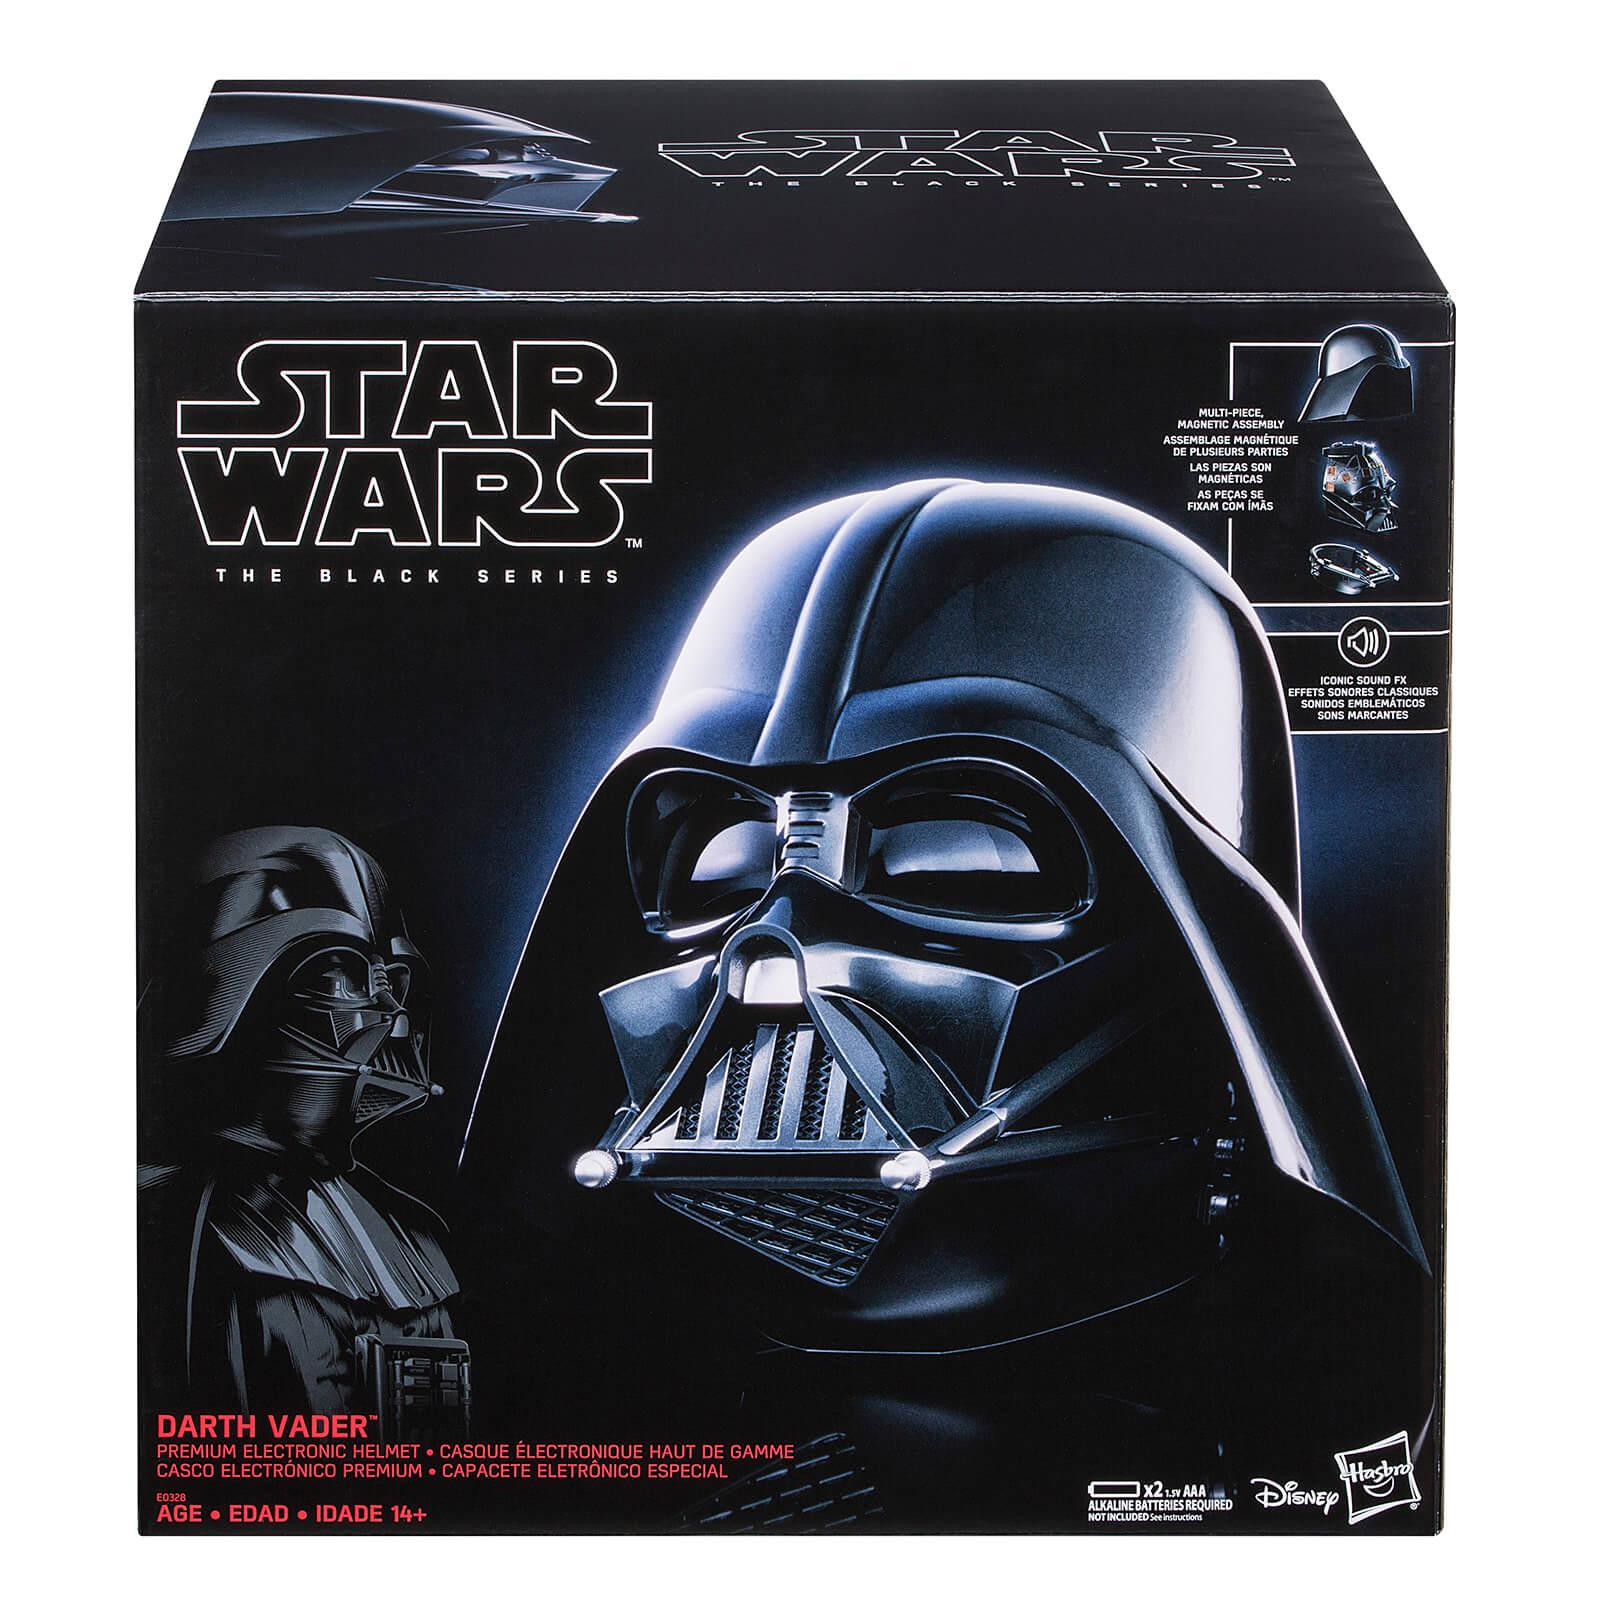 Casco Elettronico Replica Darth Vader - Hasbro Star Wars The Black Series